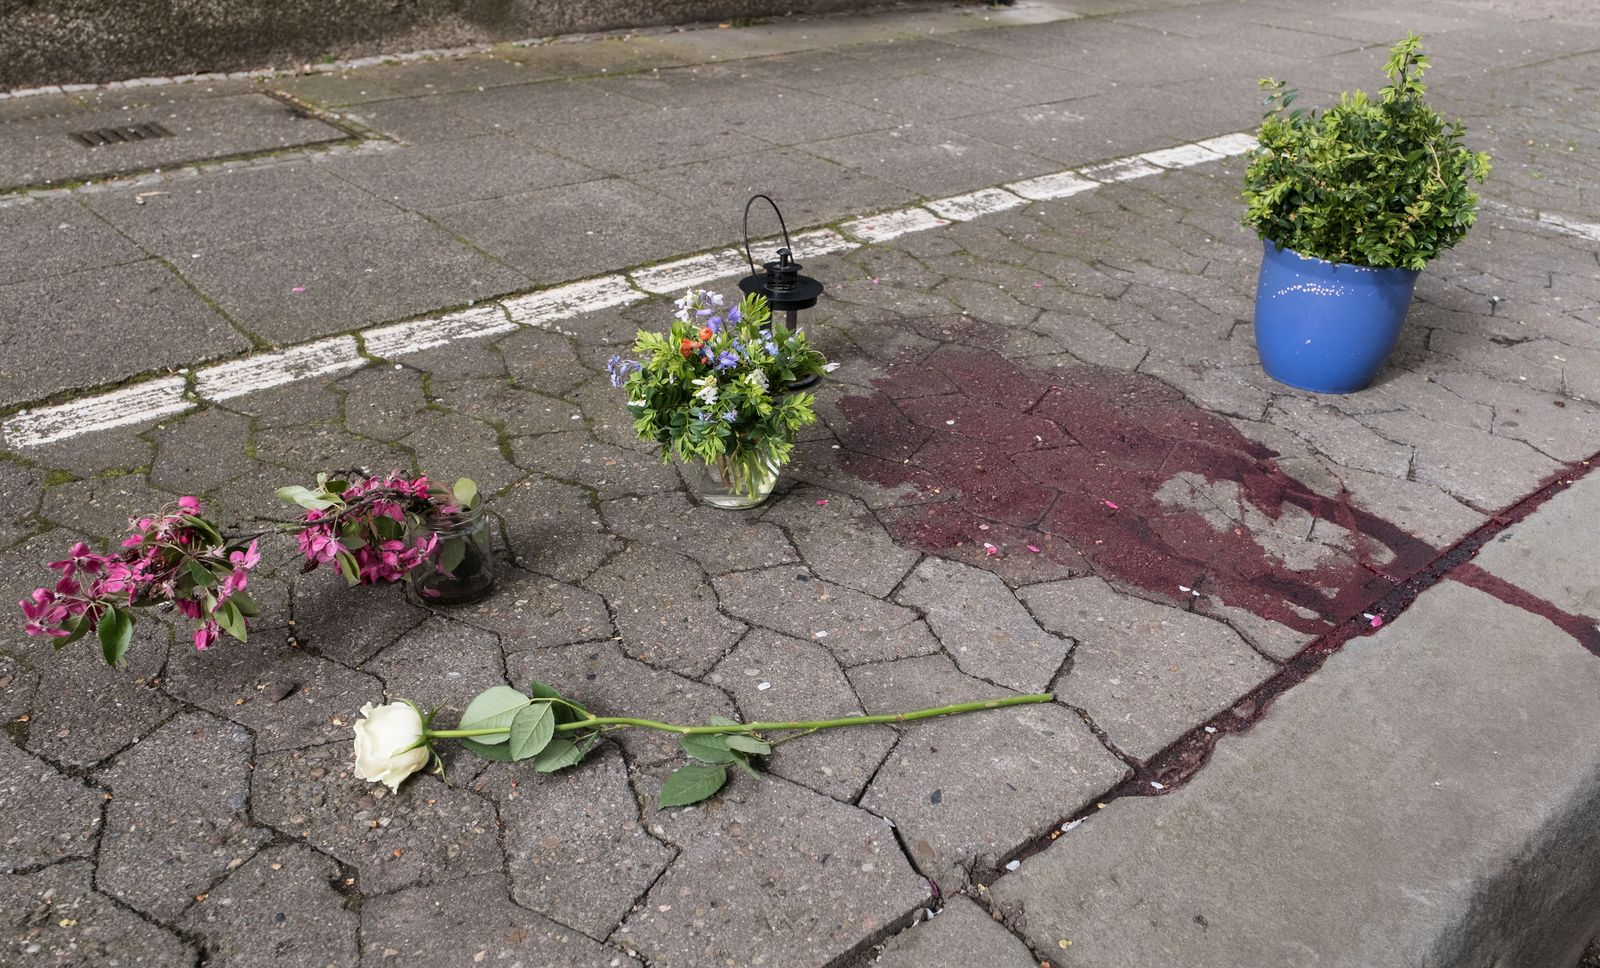 Frau auf Straße in Hannover gestorben - Gewaltverbrechen?